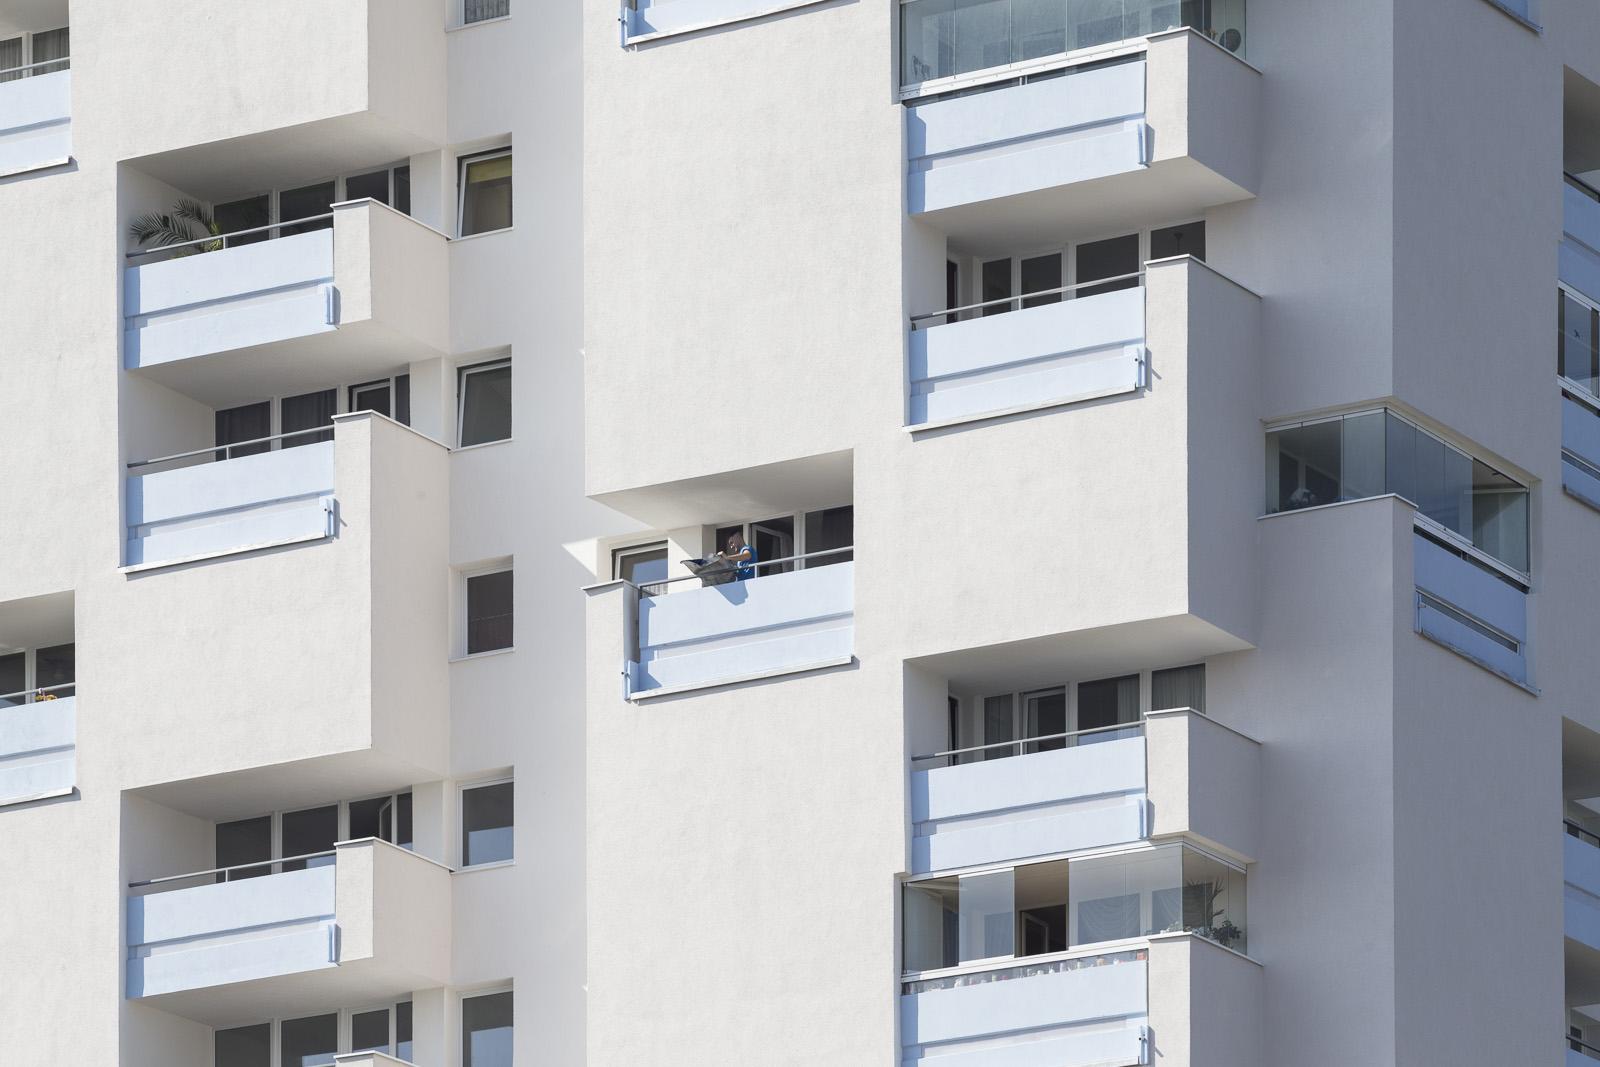 SAKRET Referenz Fassadensanierung WDVS Braunschweig von nah